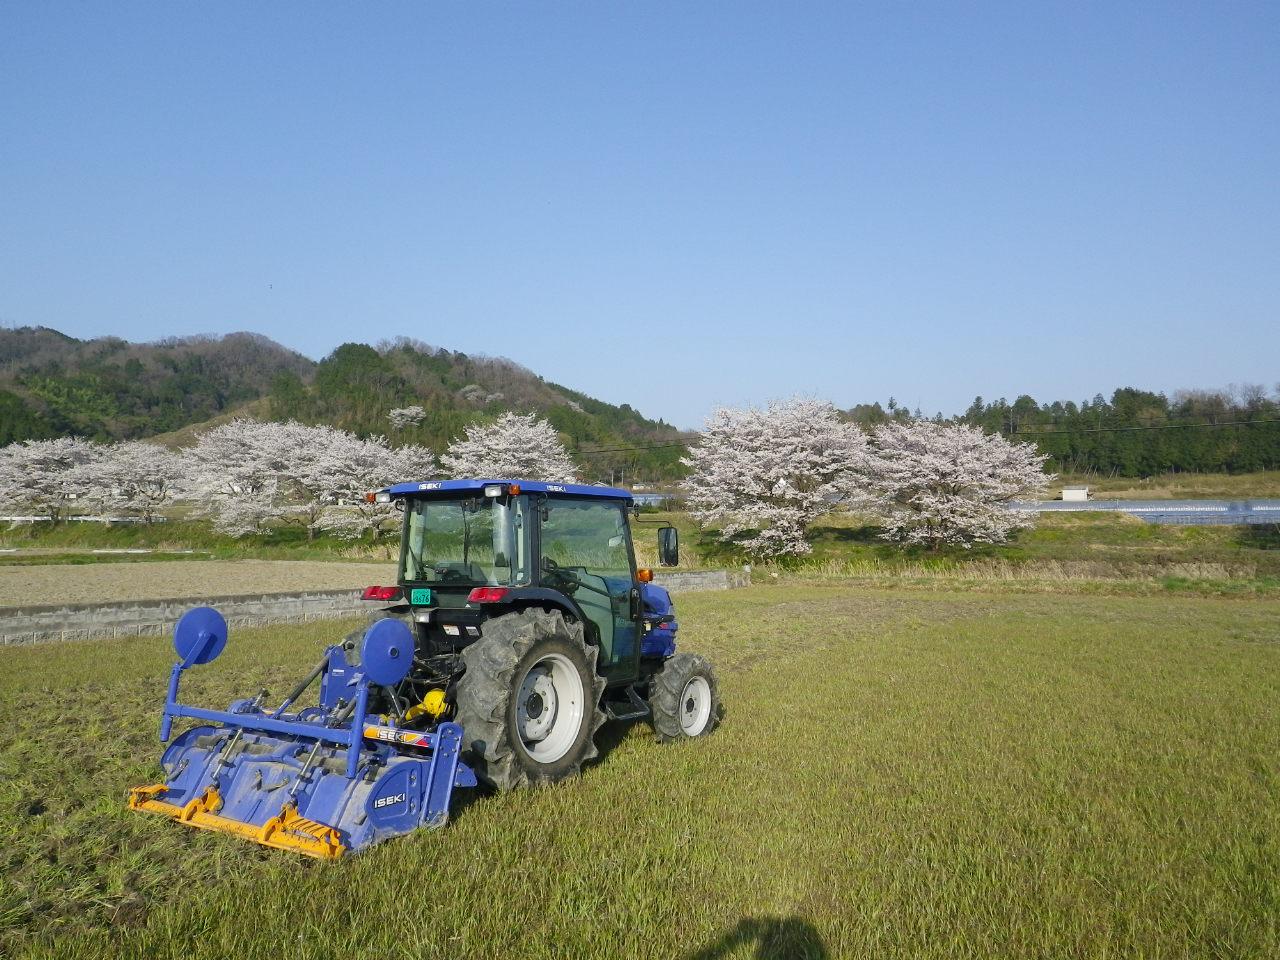 田畑の耕運代行サービス